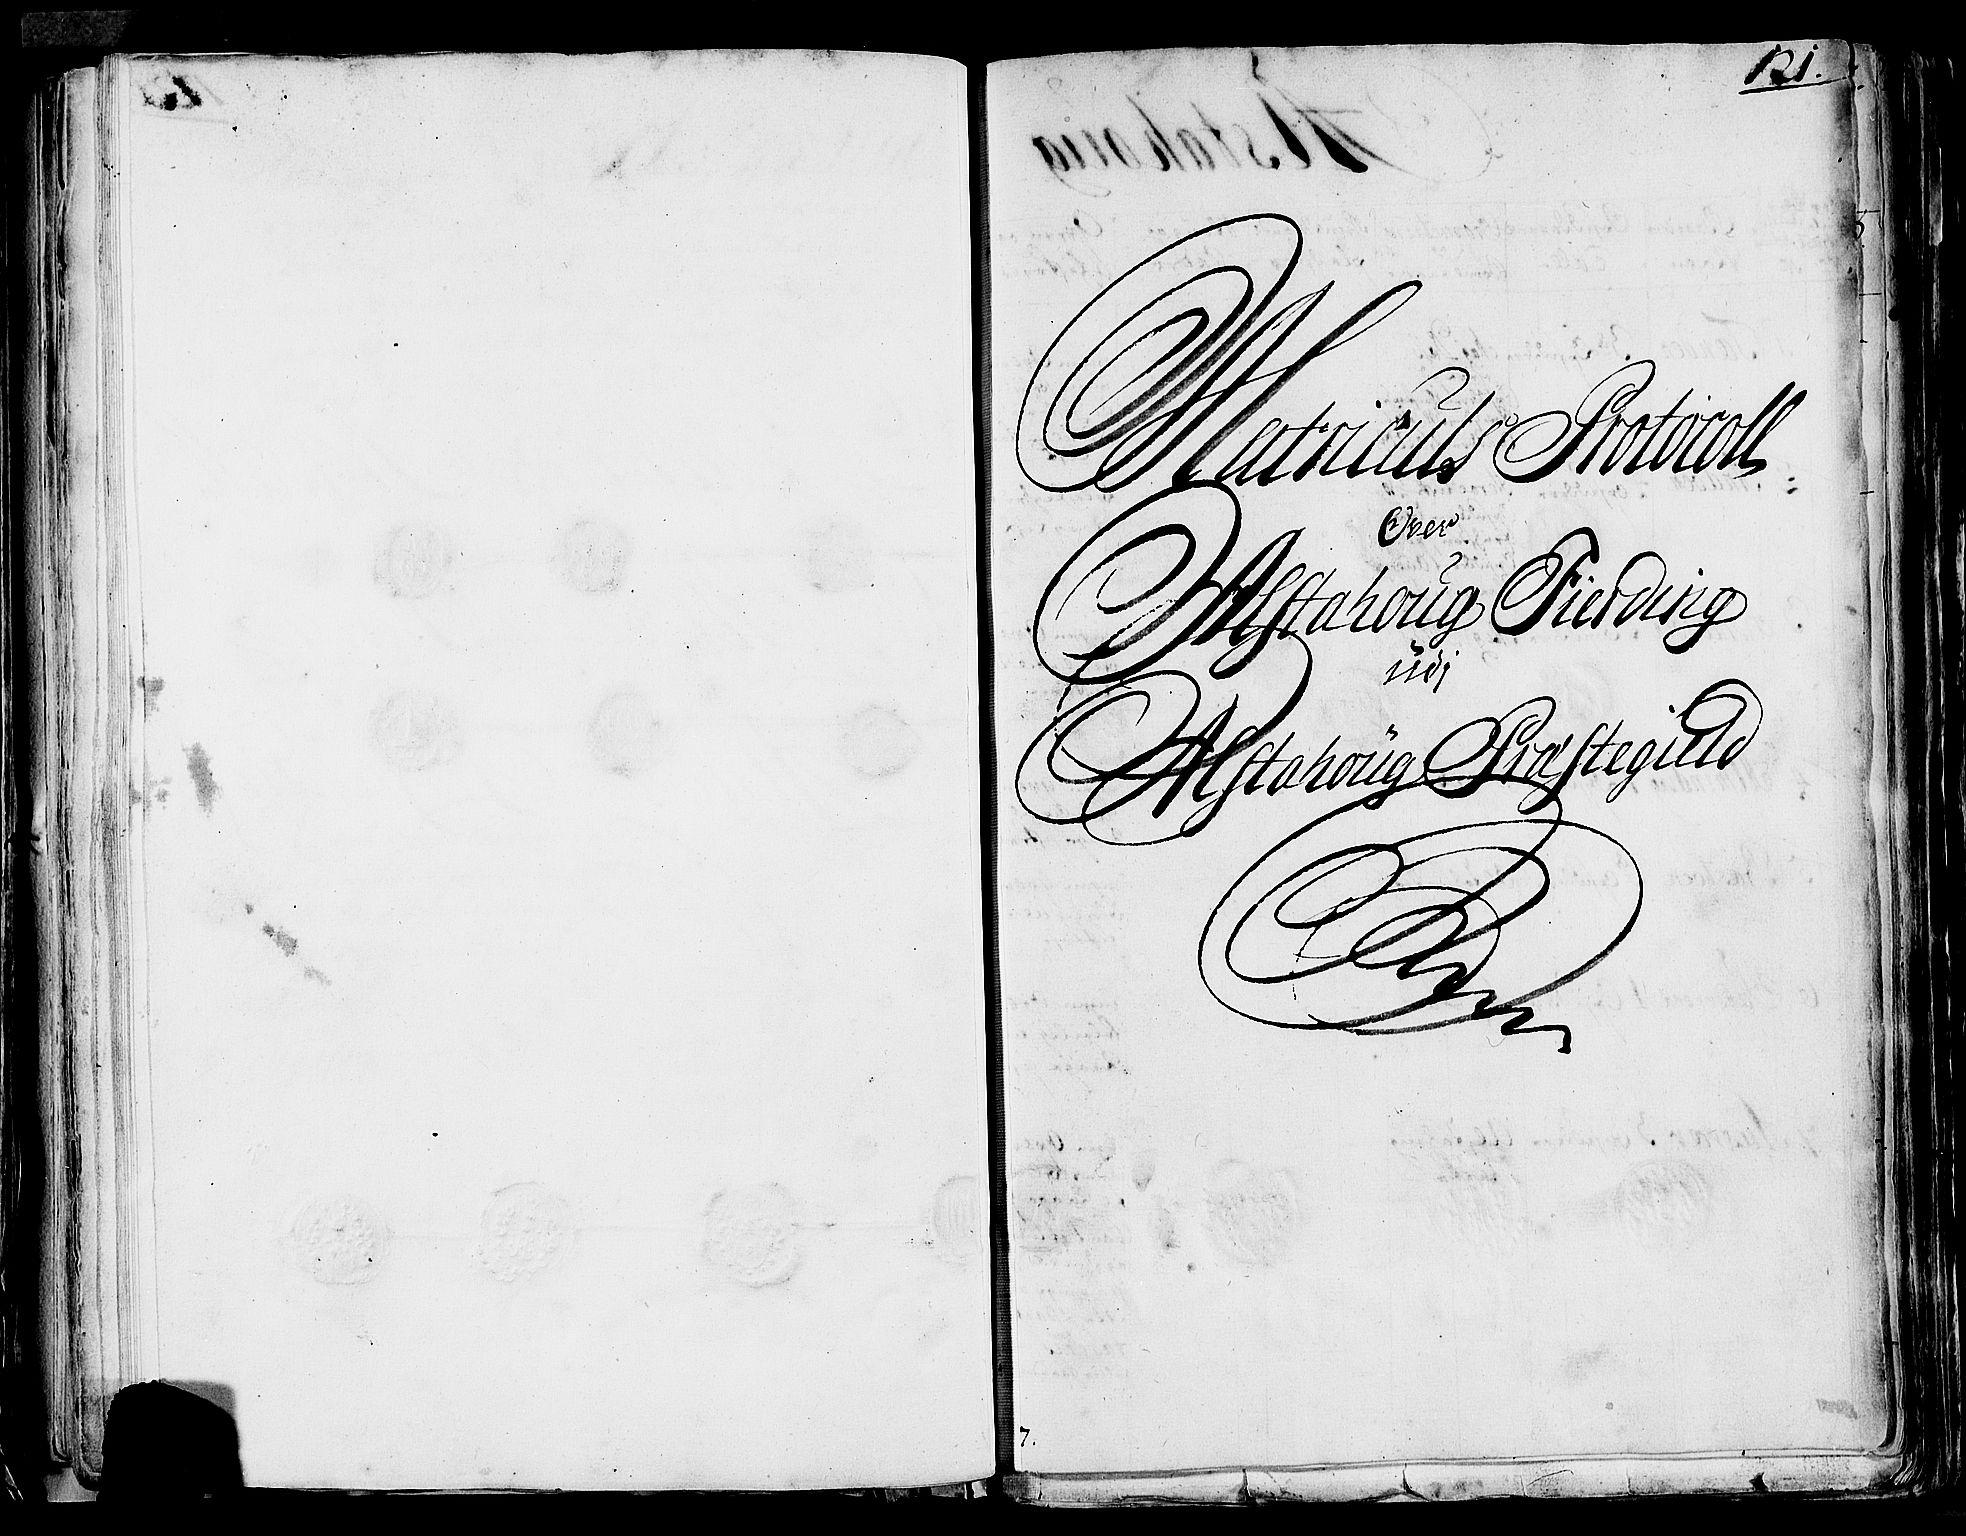 RA, Rentekammeret inntil 1814, Realistisk ordnet avdeling, N/Nb/Nbf/L0170: Helgeland eksaminasjonsprotokoll, 1723, s. 120b-121a